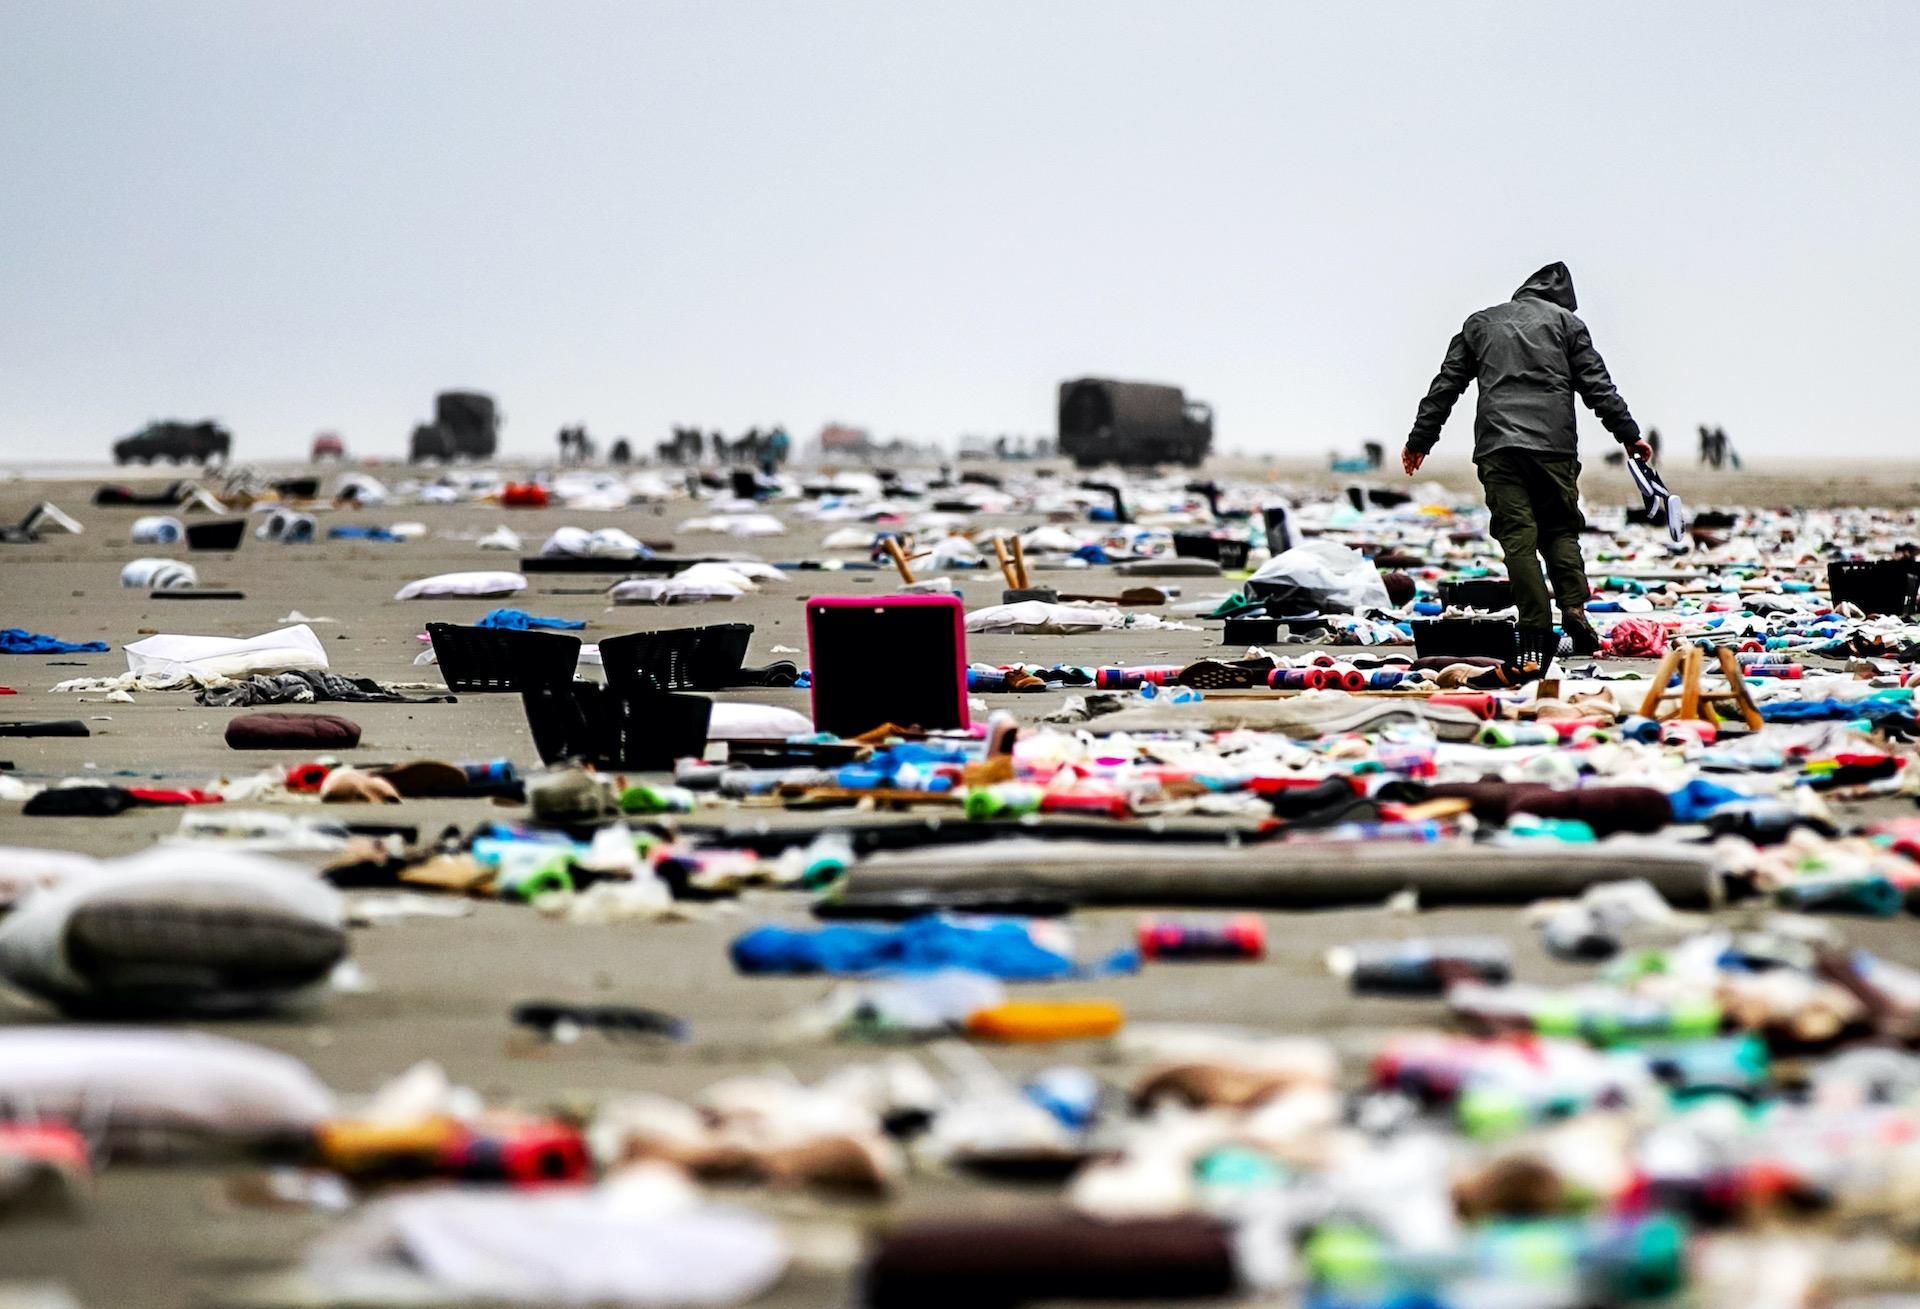 SCHIERMONNIKOOG - Het strand van Schiermonnikoog ligt bezaaid onder spullen afkomstig van containers uit het vrachtschip MSC Zoe. Het vrachtschip verloor ruim 270 containers voor de kust van de Waddeneilanden.